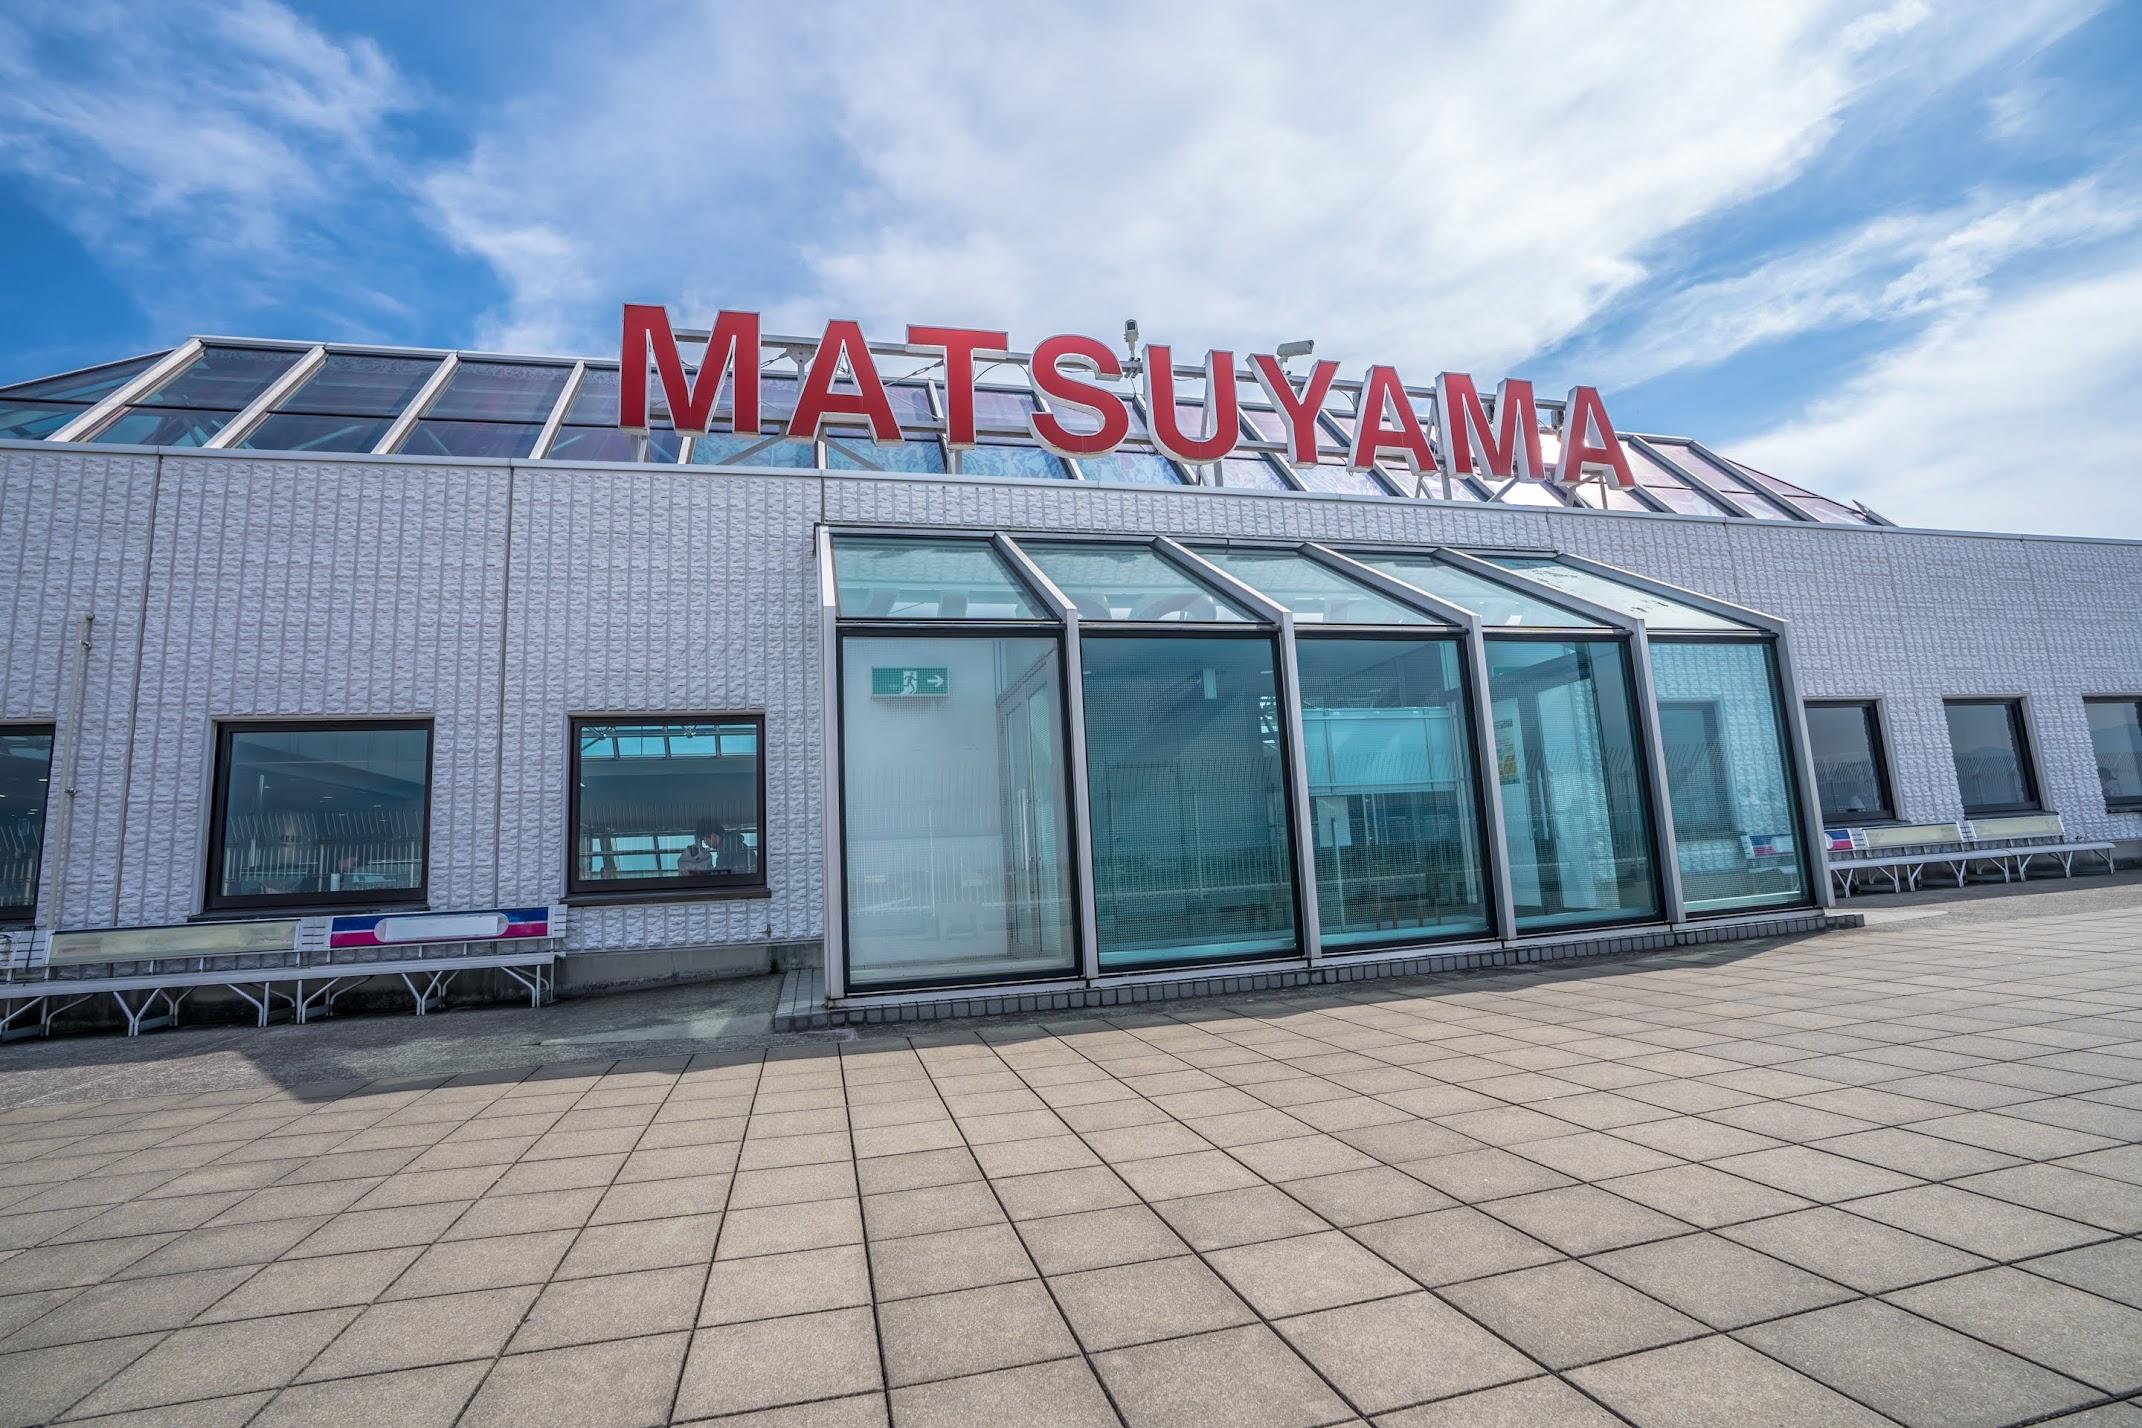 Matsuyama Airport Observation deck1